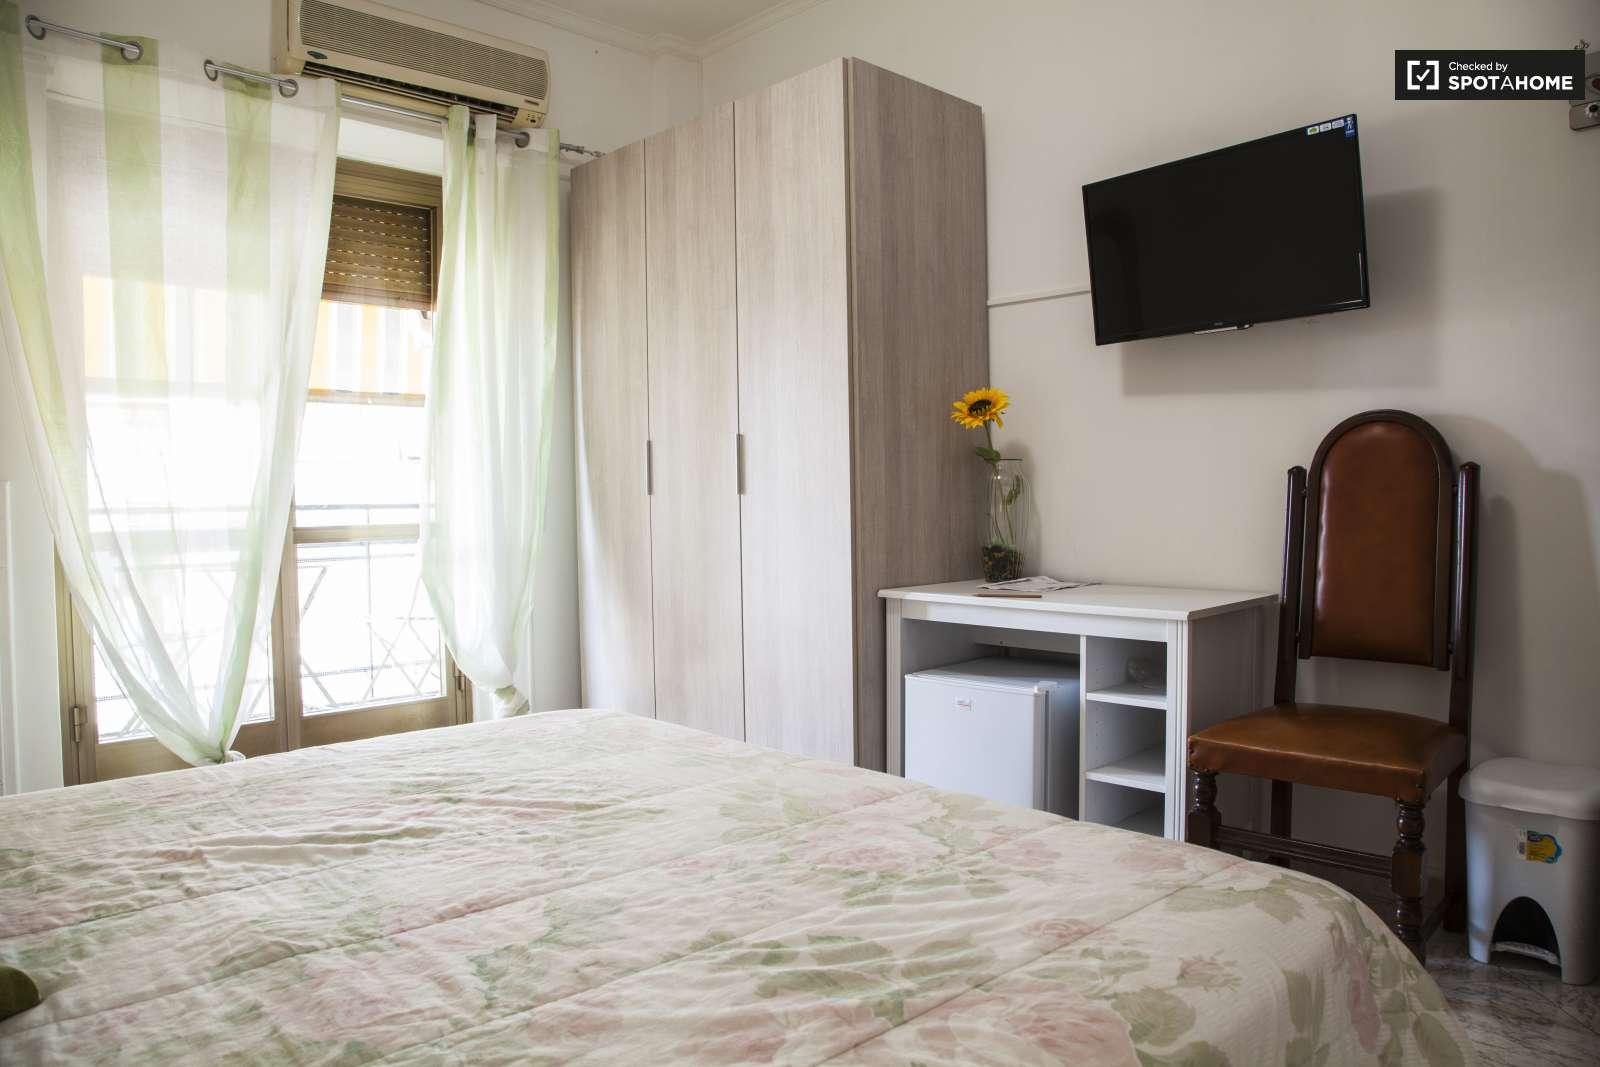 Spaziosa camera in appartamento con 4 camere da letto a Garbatella ...